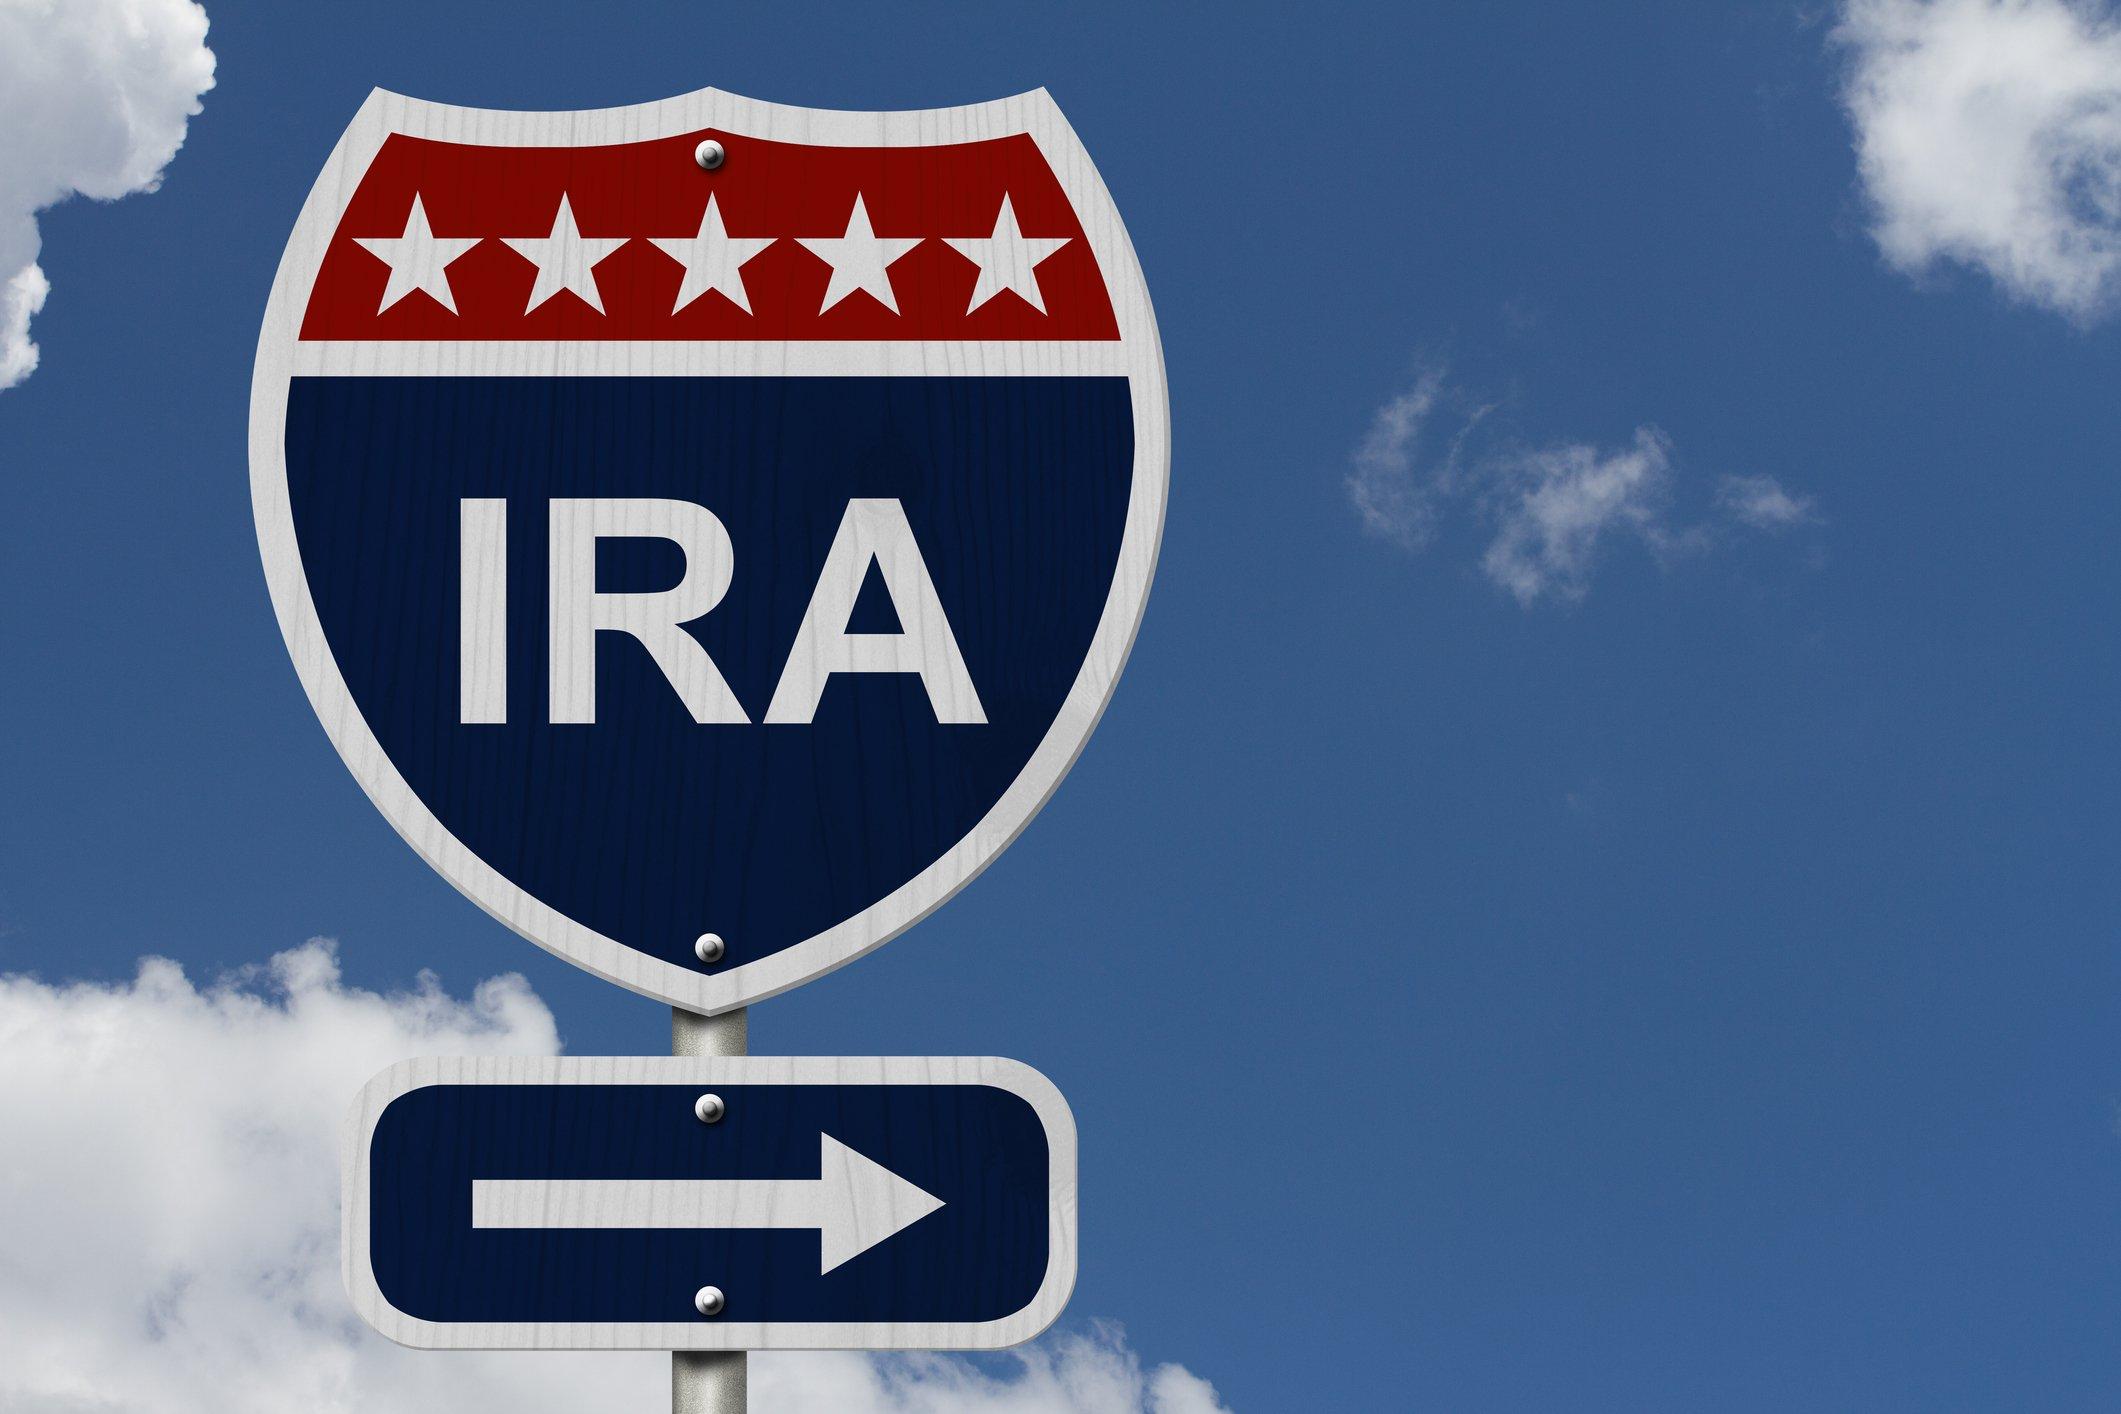 Ira Required Minimum Distribution Worksheet